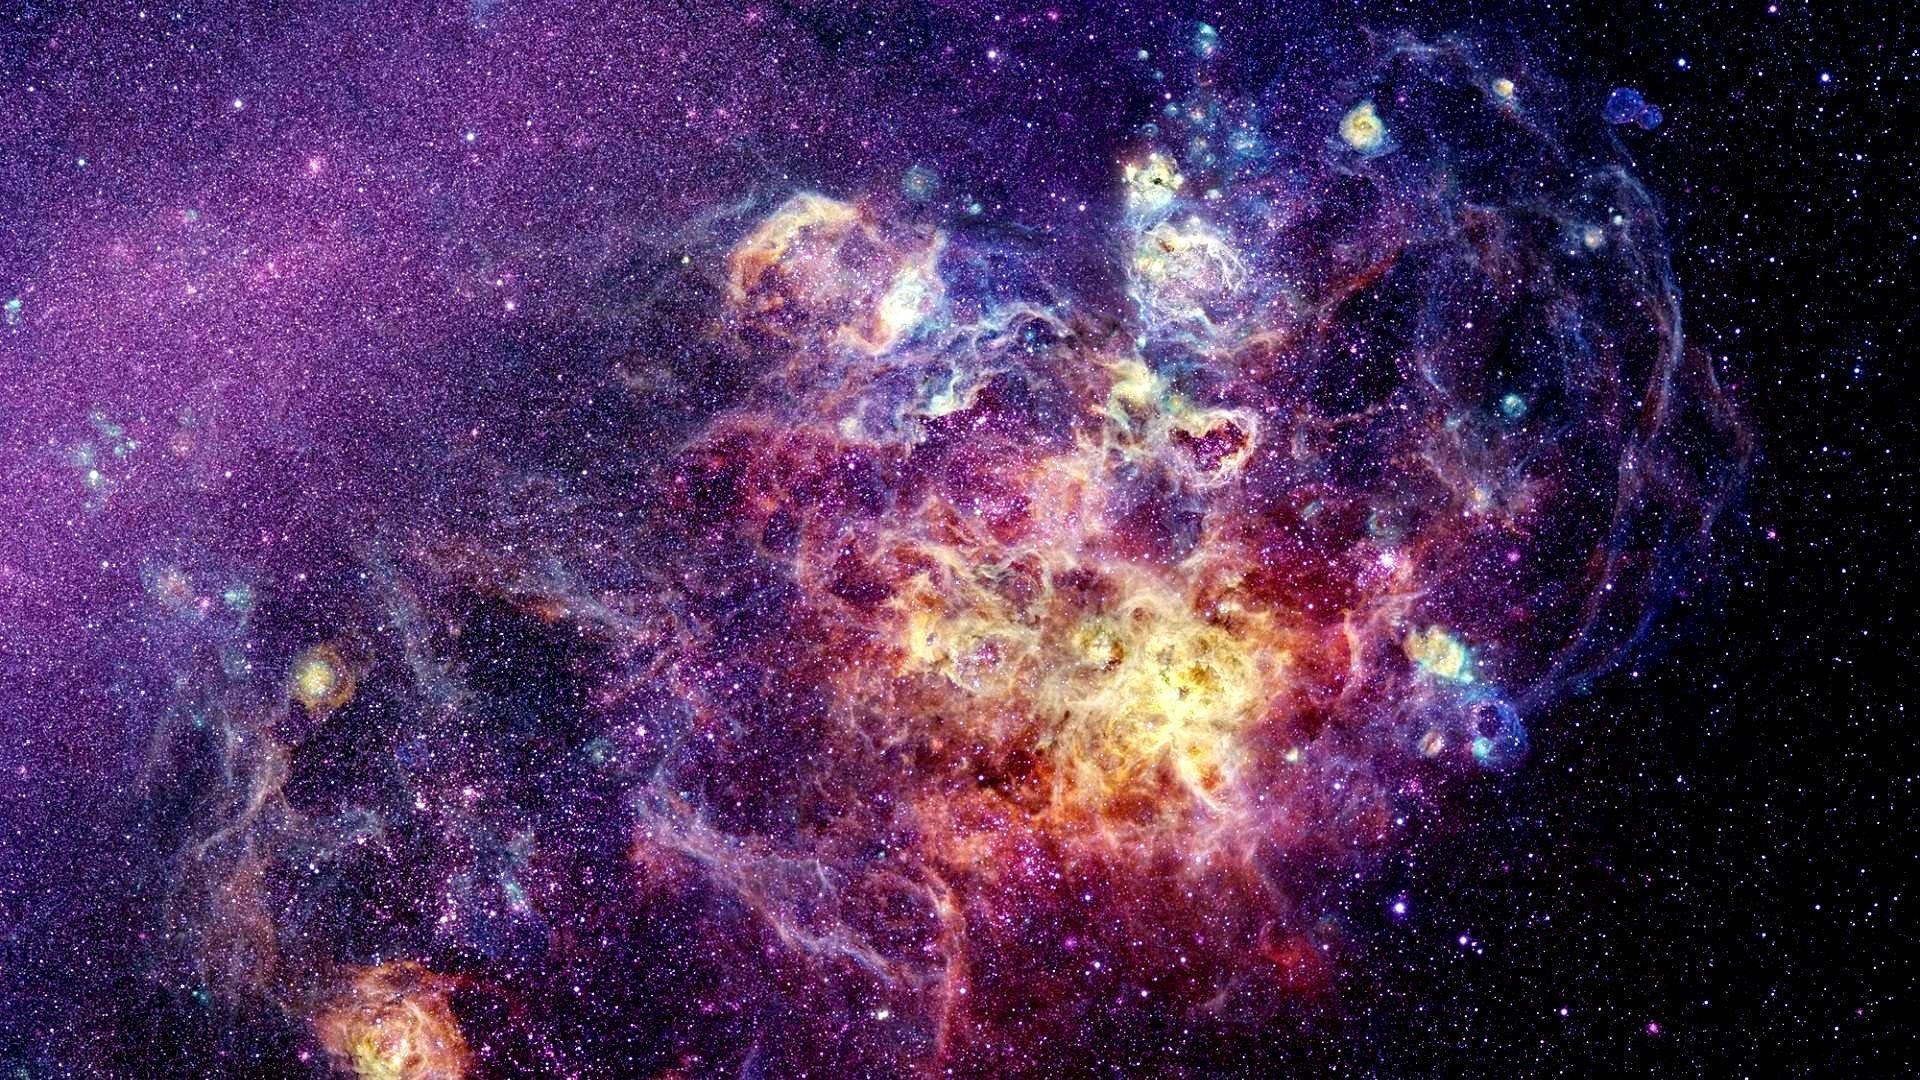 космос картинки обои для телефона или ватрухой принято